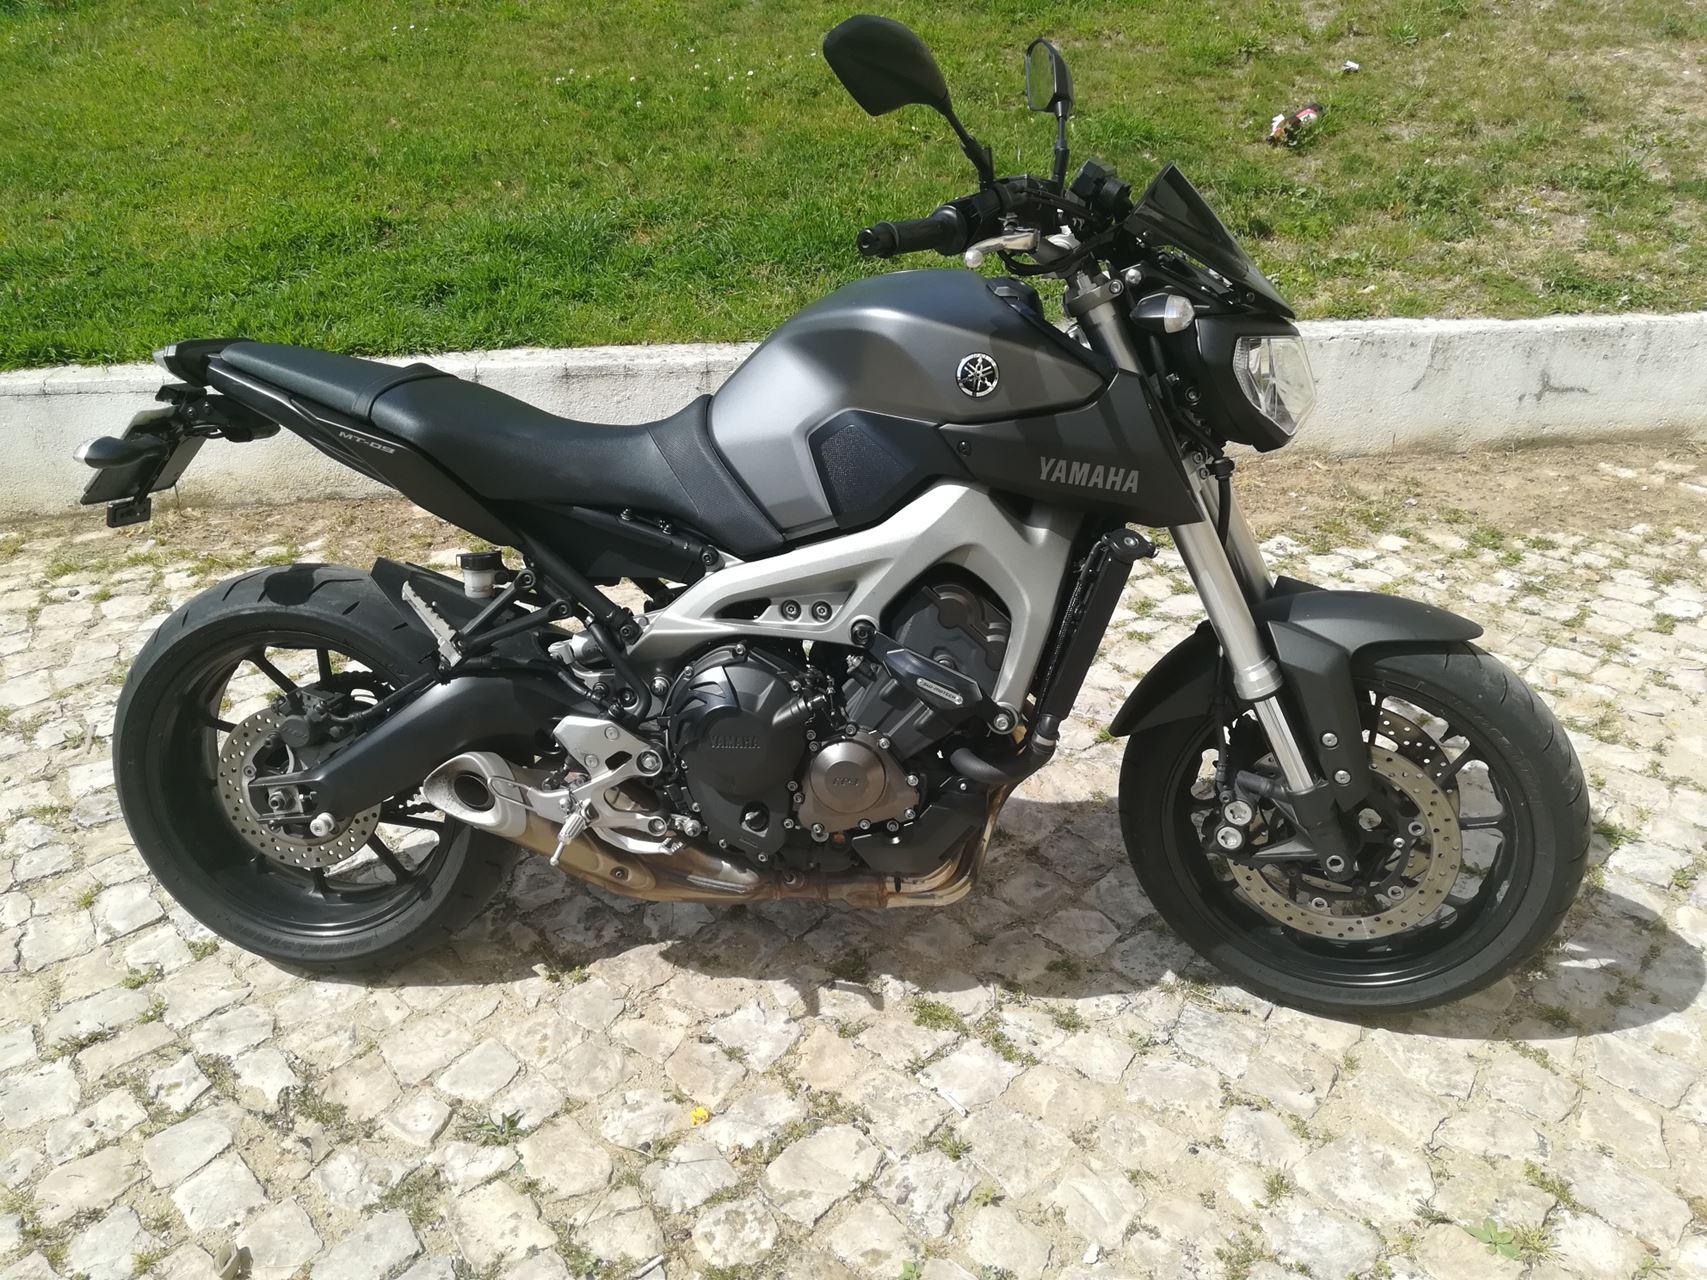 yamaha mt 09 moto usada pre o p17025 motobelas andar de moto. Black Bedroom Furniture Sets. Home Design Ideas